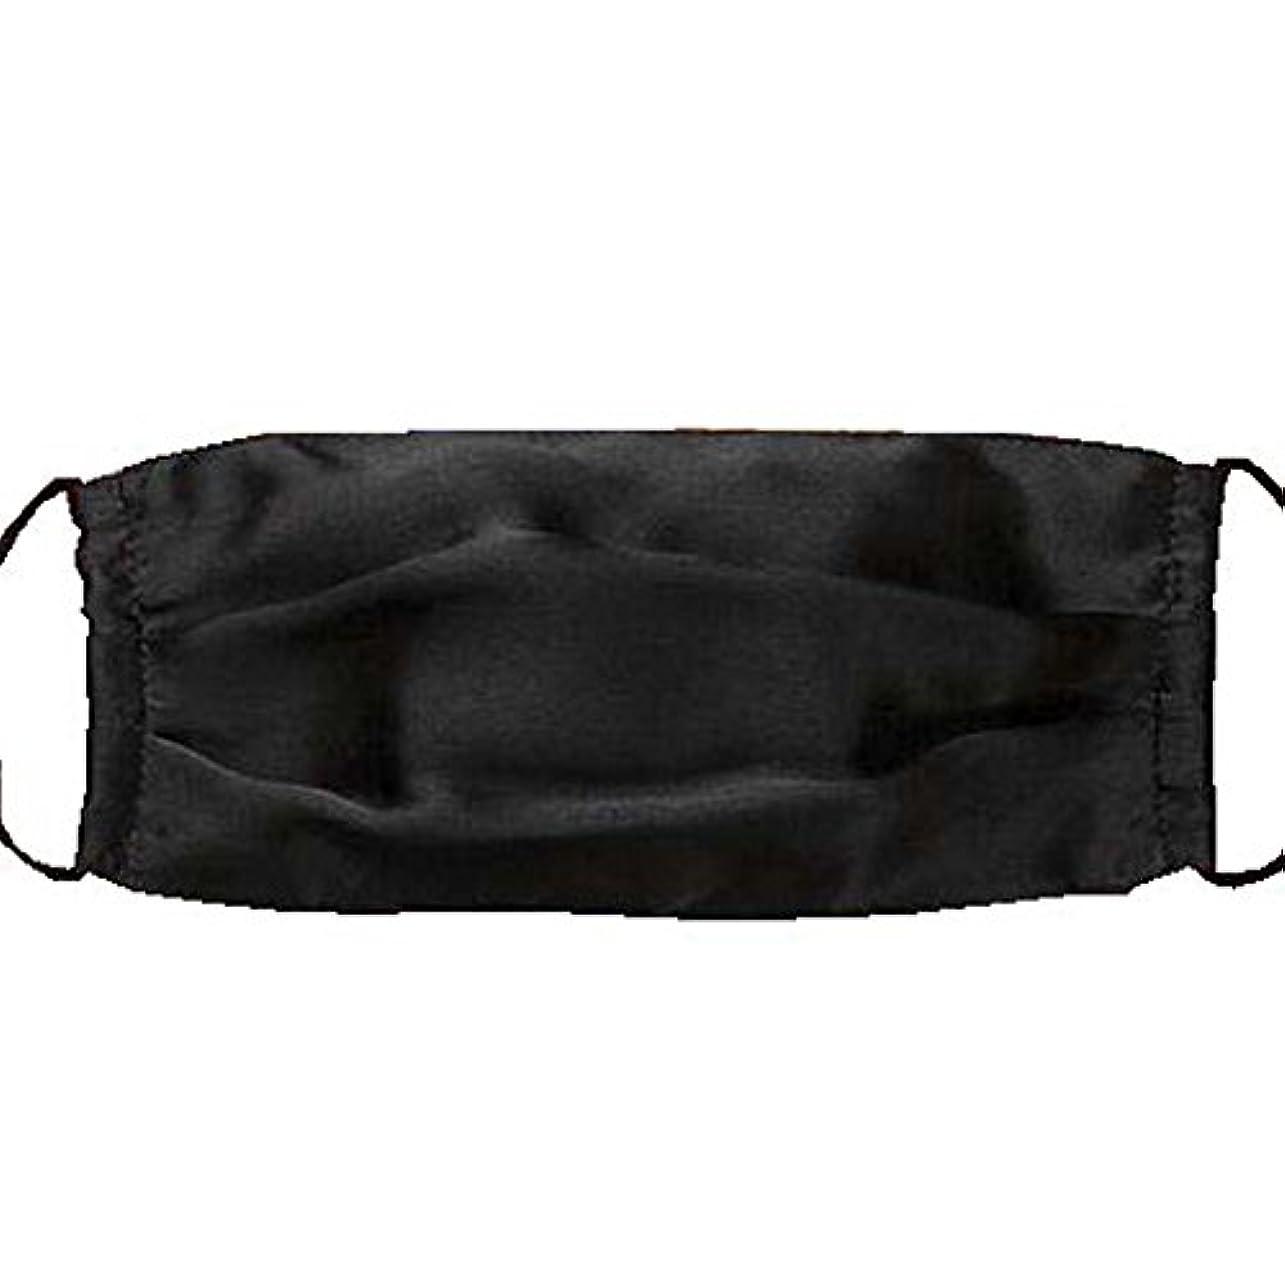 オーストラリア人危機しおれた再使用可能な洗浄可能な活性炭シルクウォームPM 2.5ダストマスクインフルエンザマスク